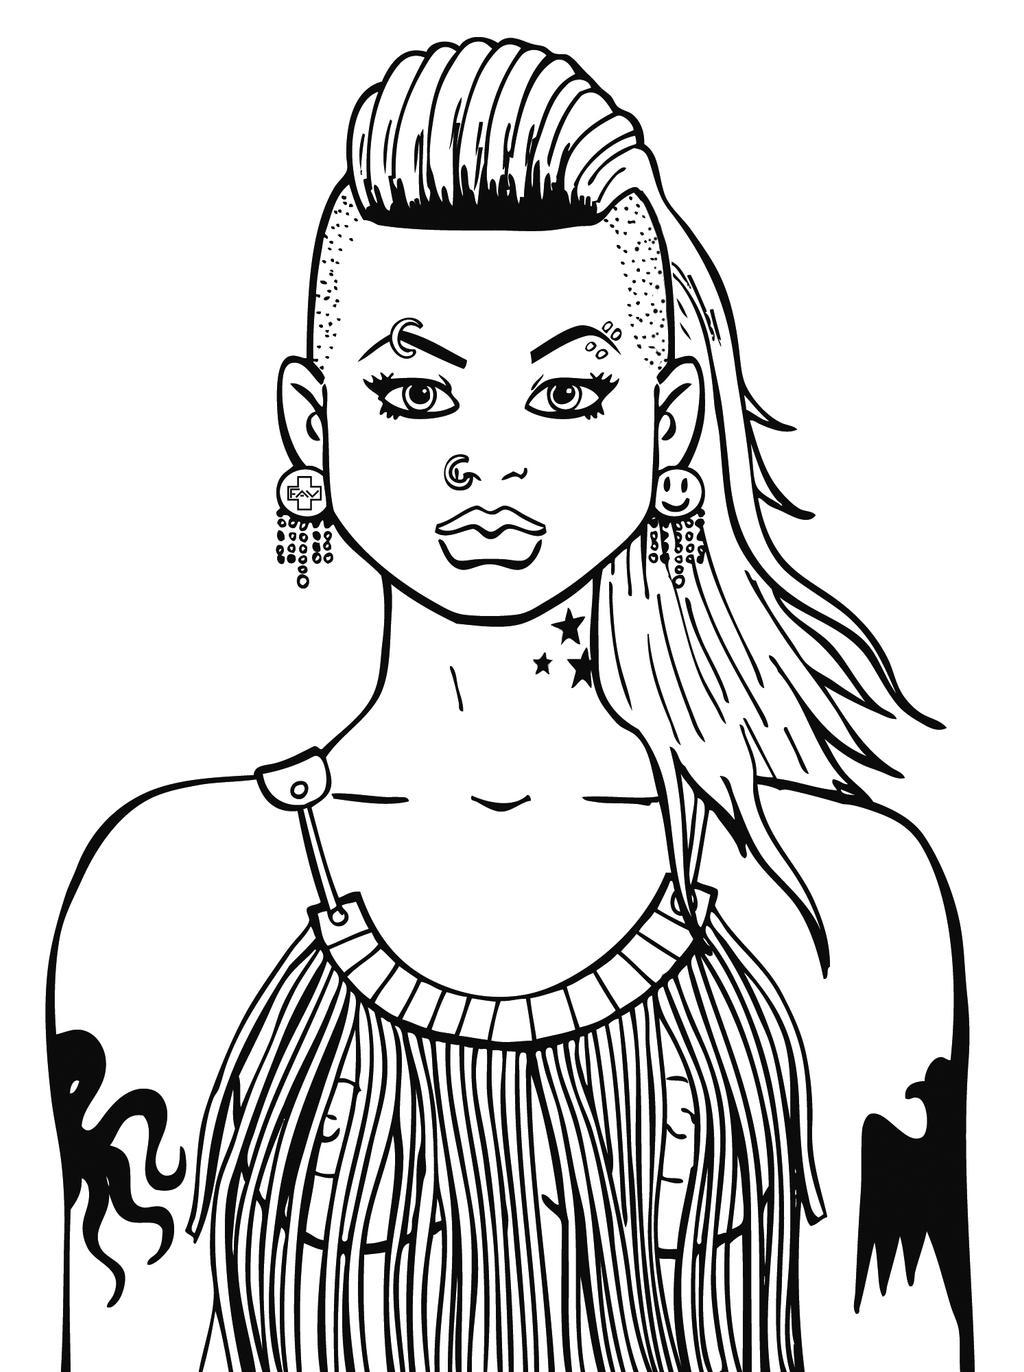 NICE GIRL by VIRGILE3MBRUNOZZI